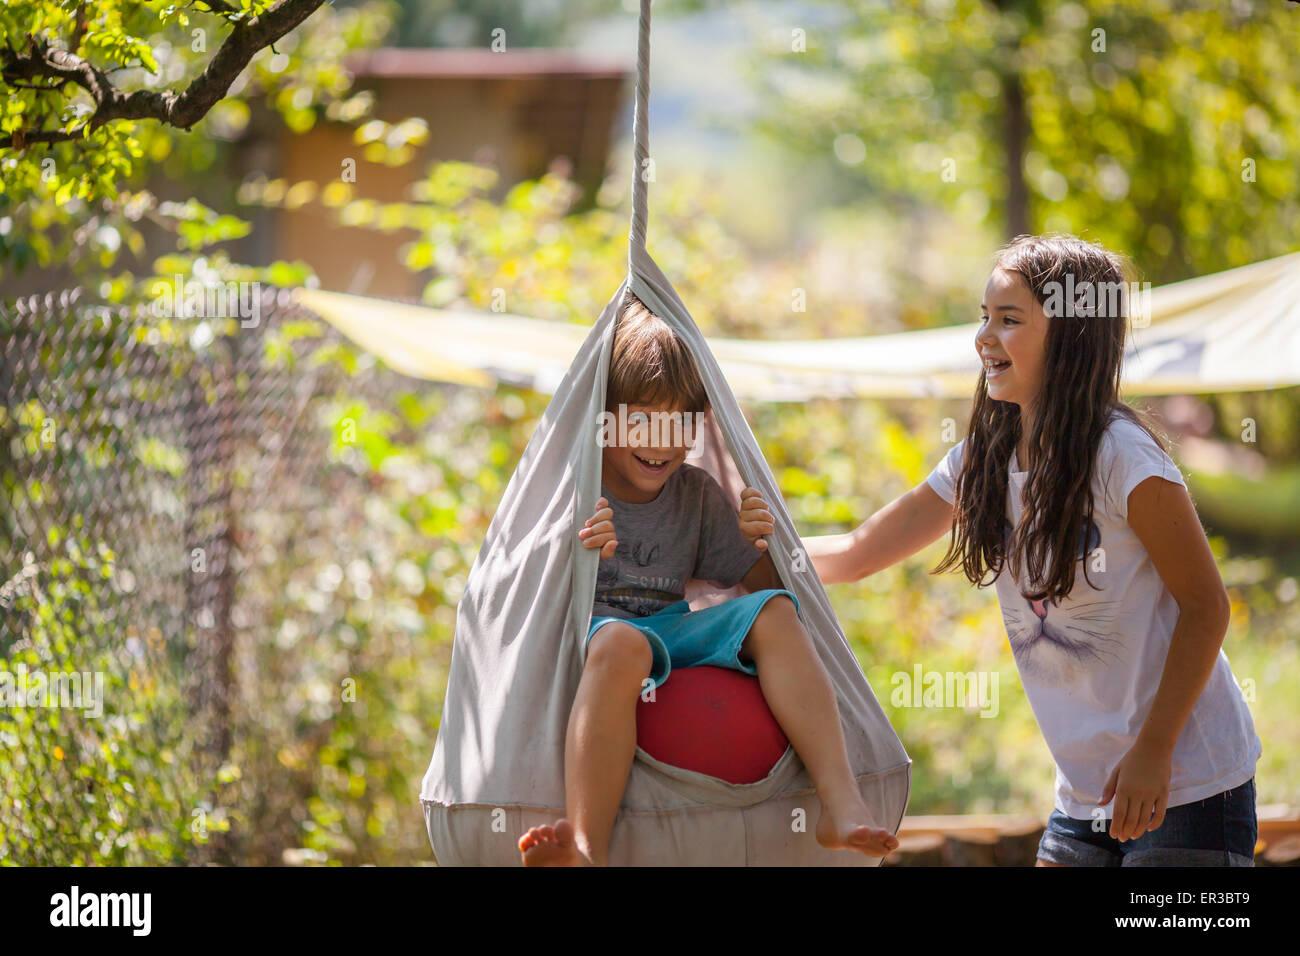 Garçon et fille jouant sur une balançoire dans le jardin Photo Stock